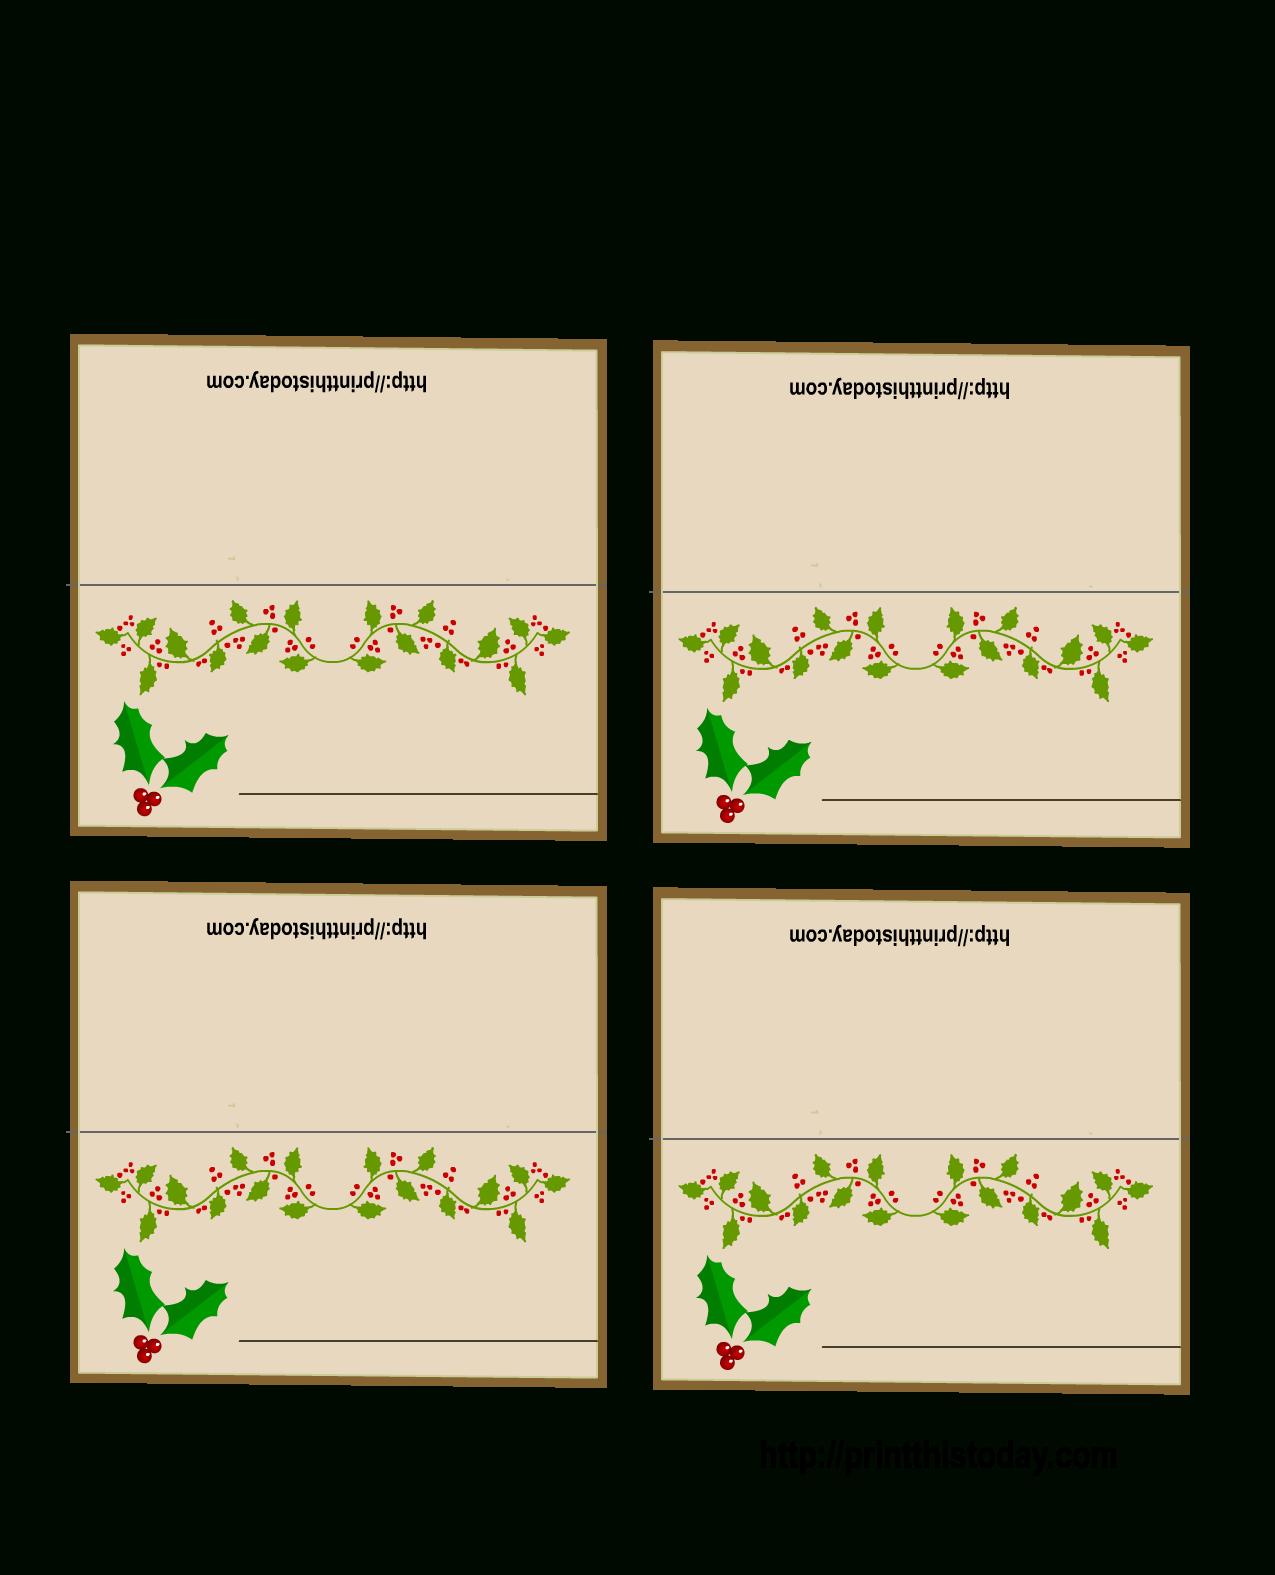 Free Printable Christmas Place Name Tags – Festival Collections - Free Printable Christmas Place Name Tags